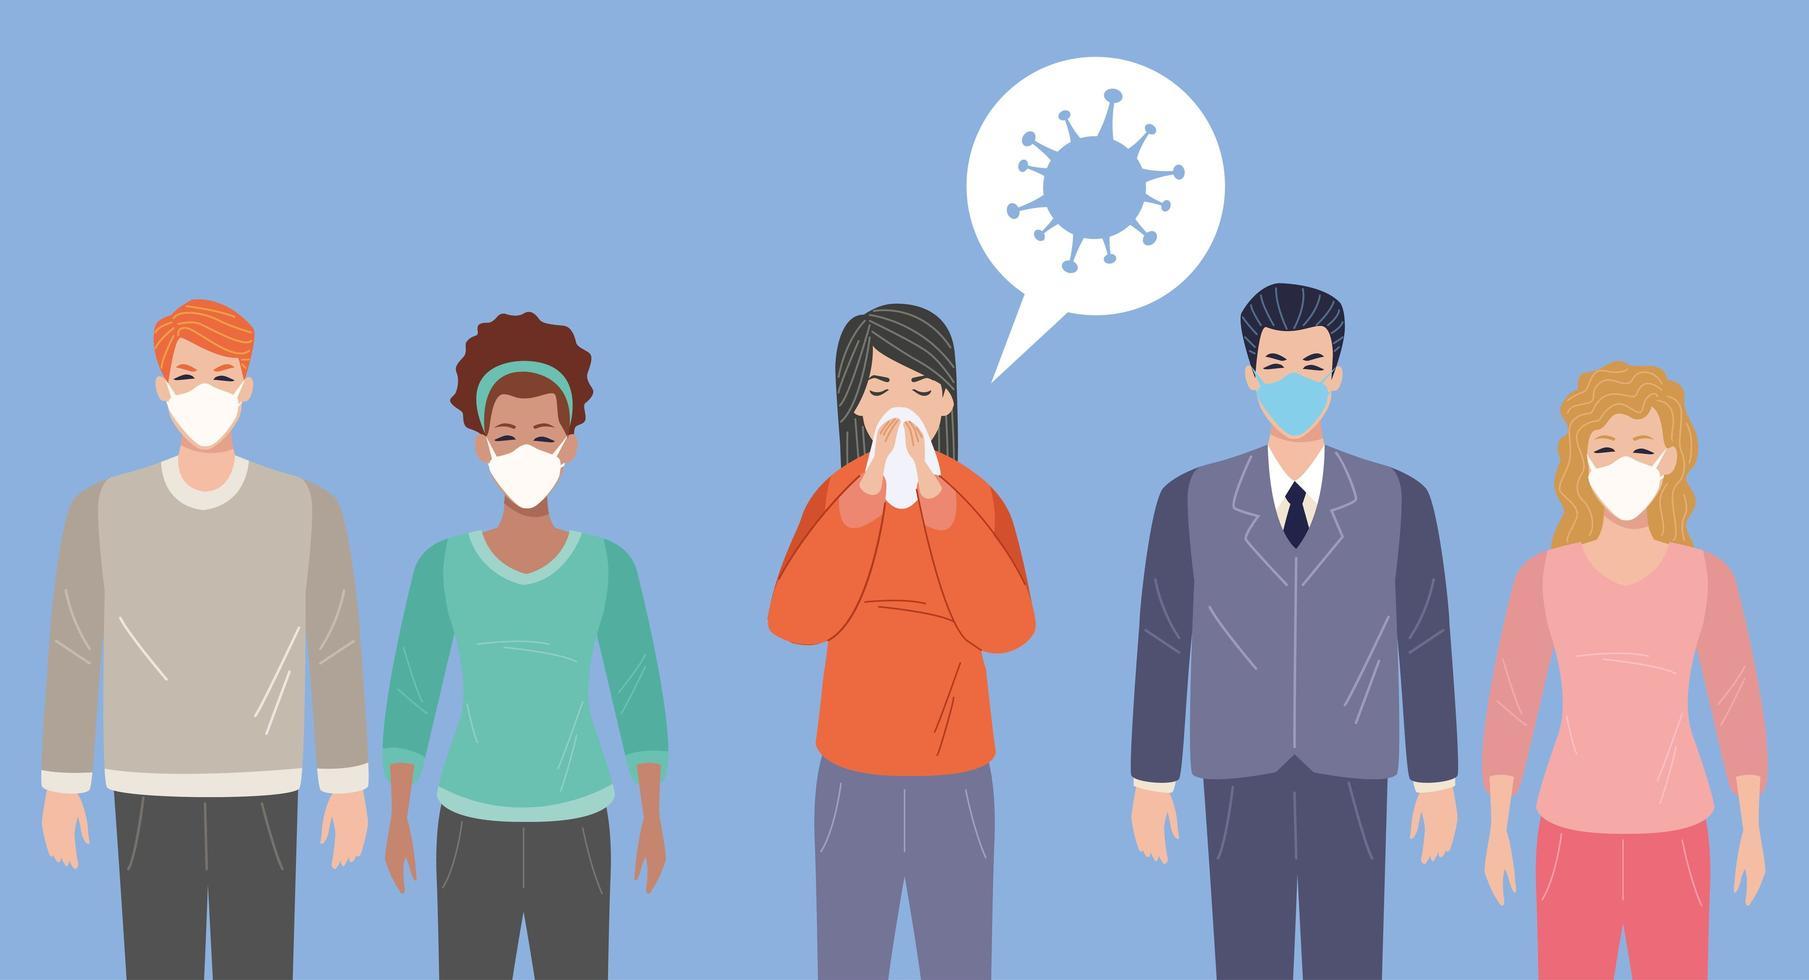 Frau mit 19 Symptomen und andere mit Gesichtsmasken vektor